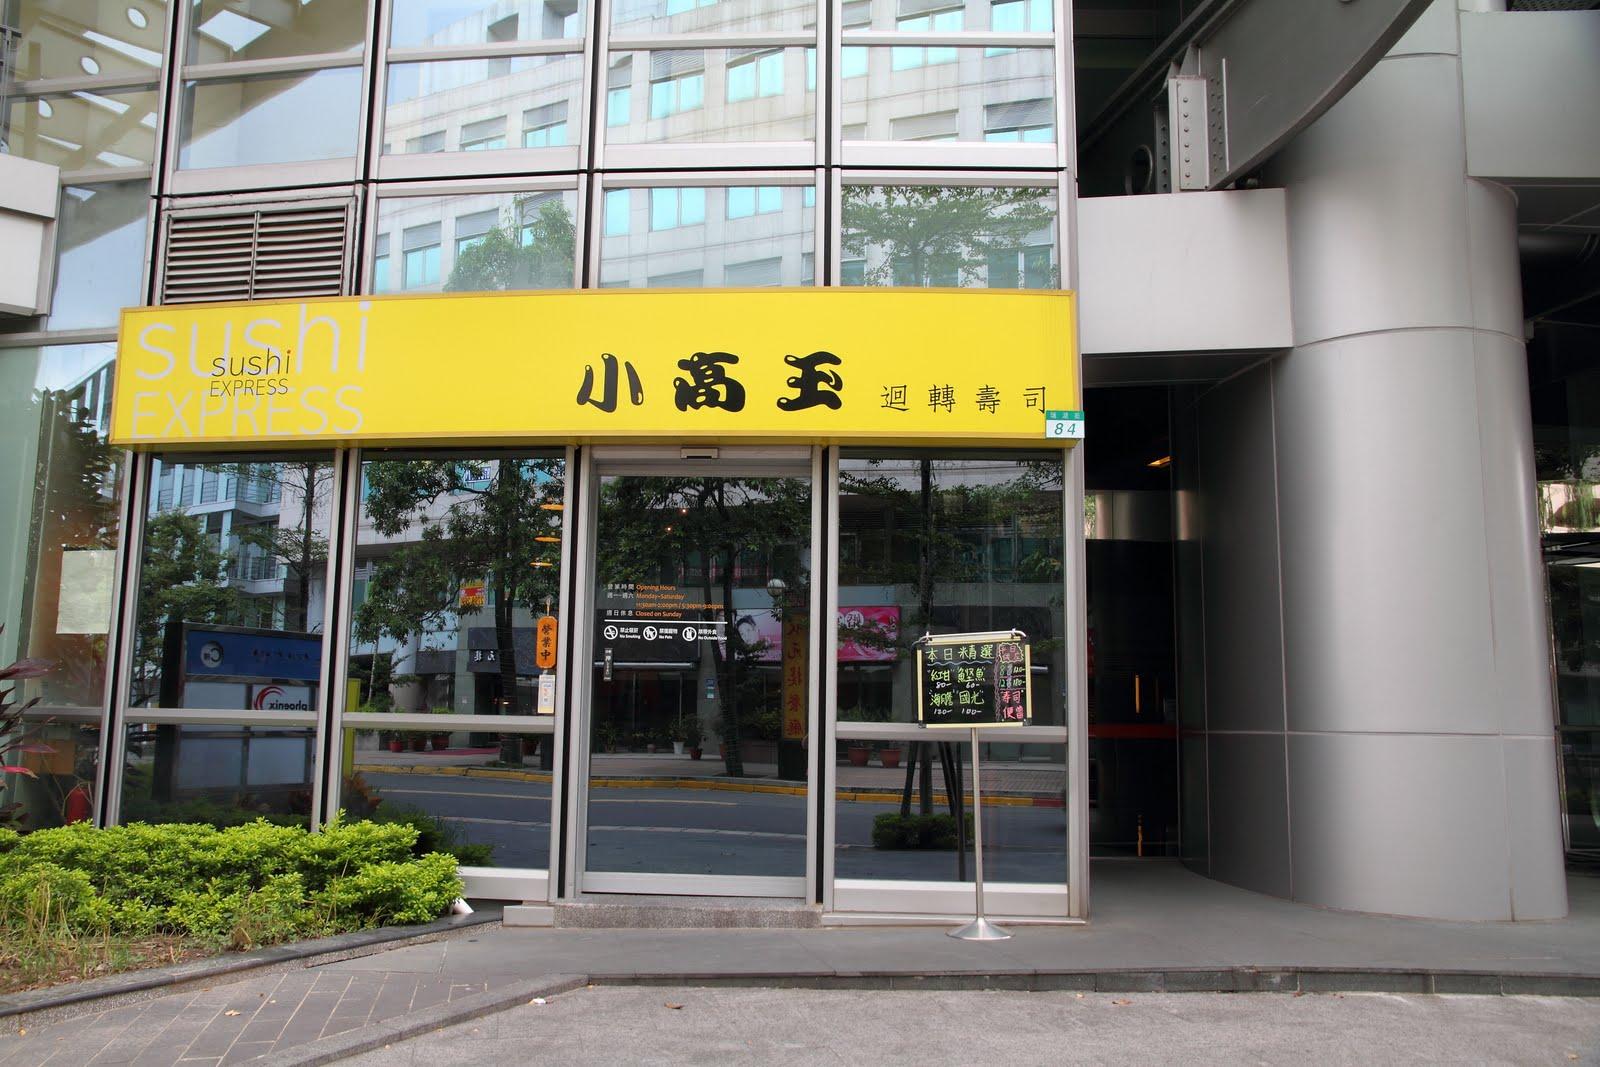 灰髮寶寶: 臺北【小高玉迴轉壽司】內湖店